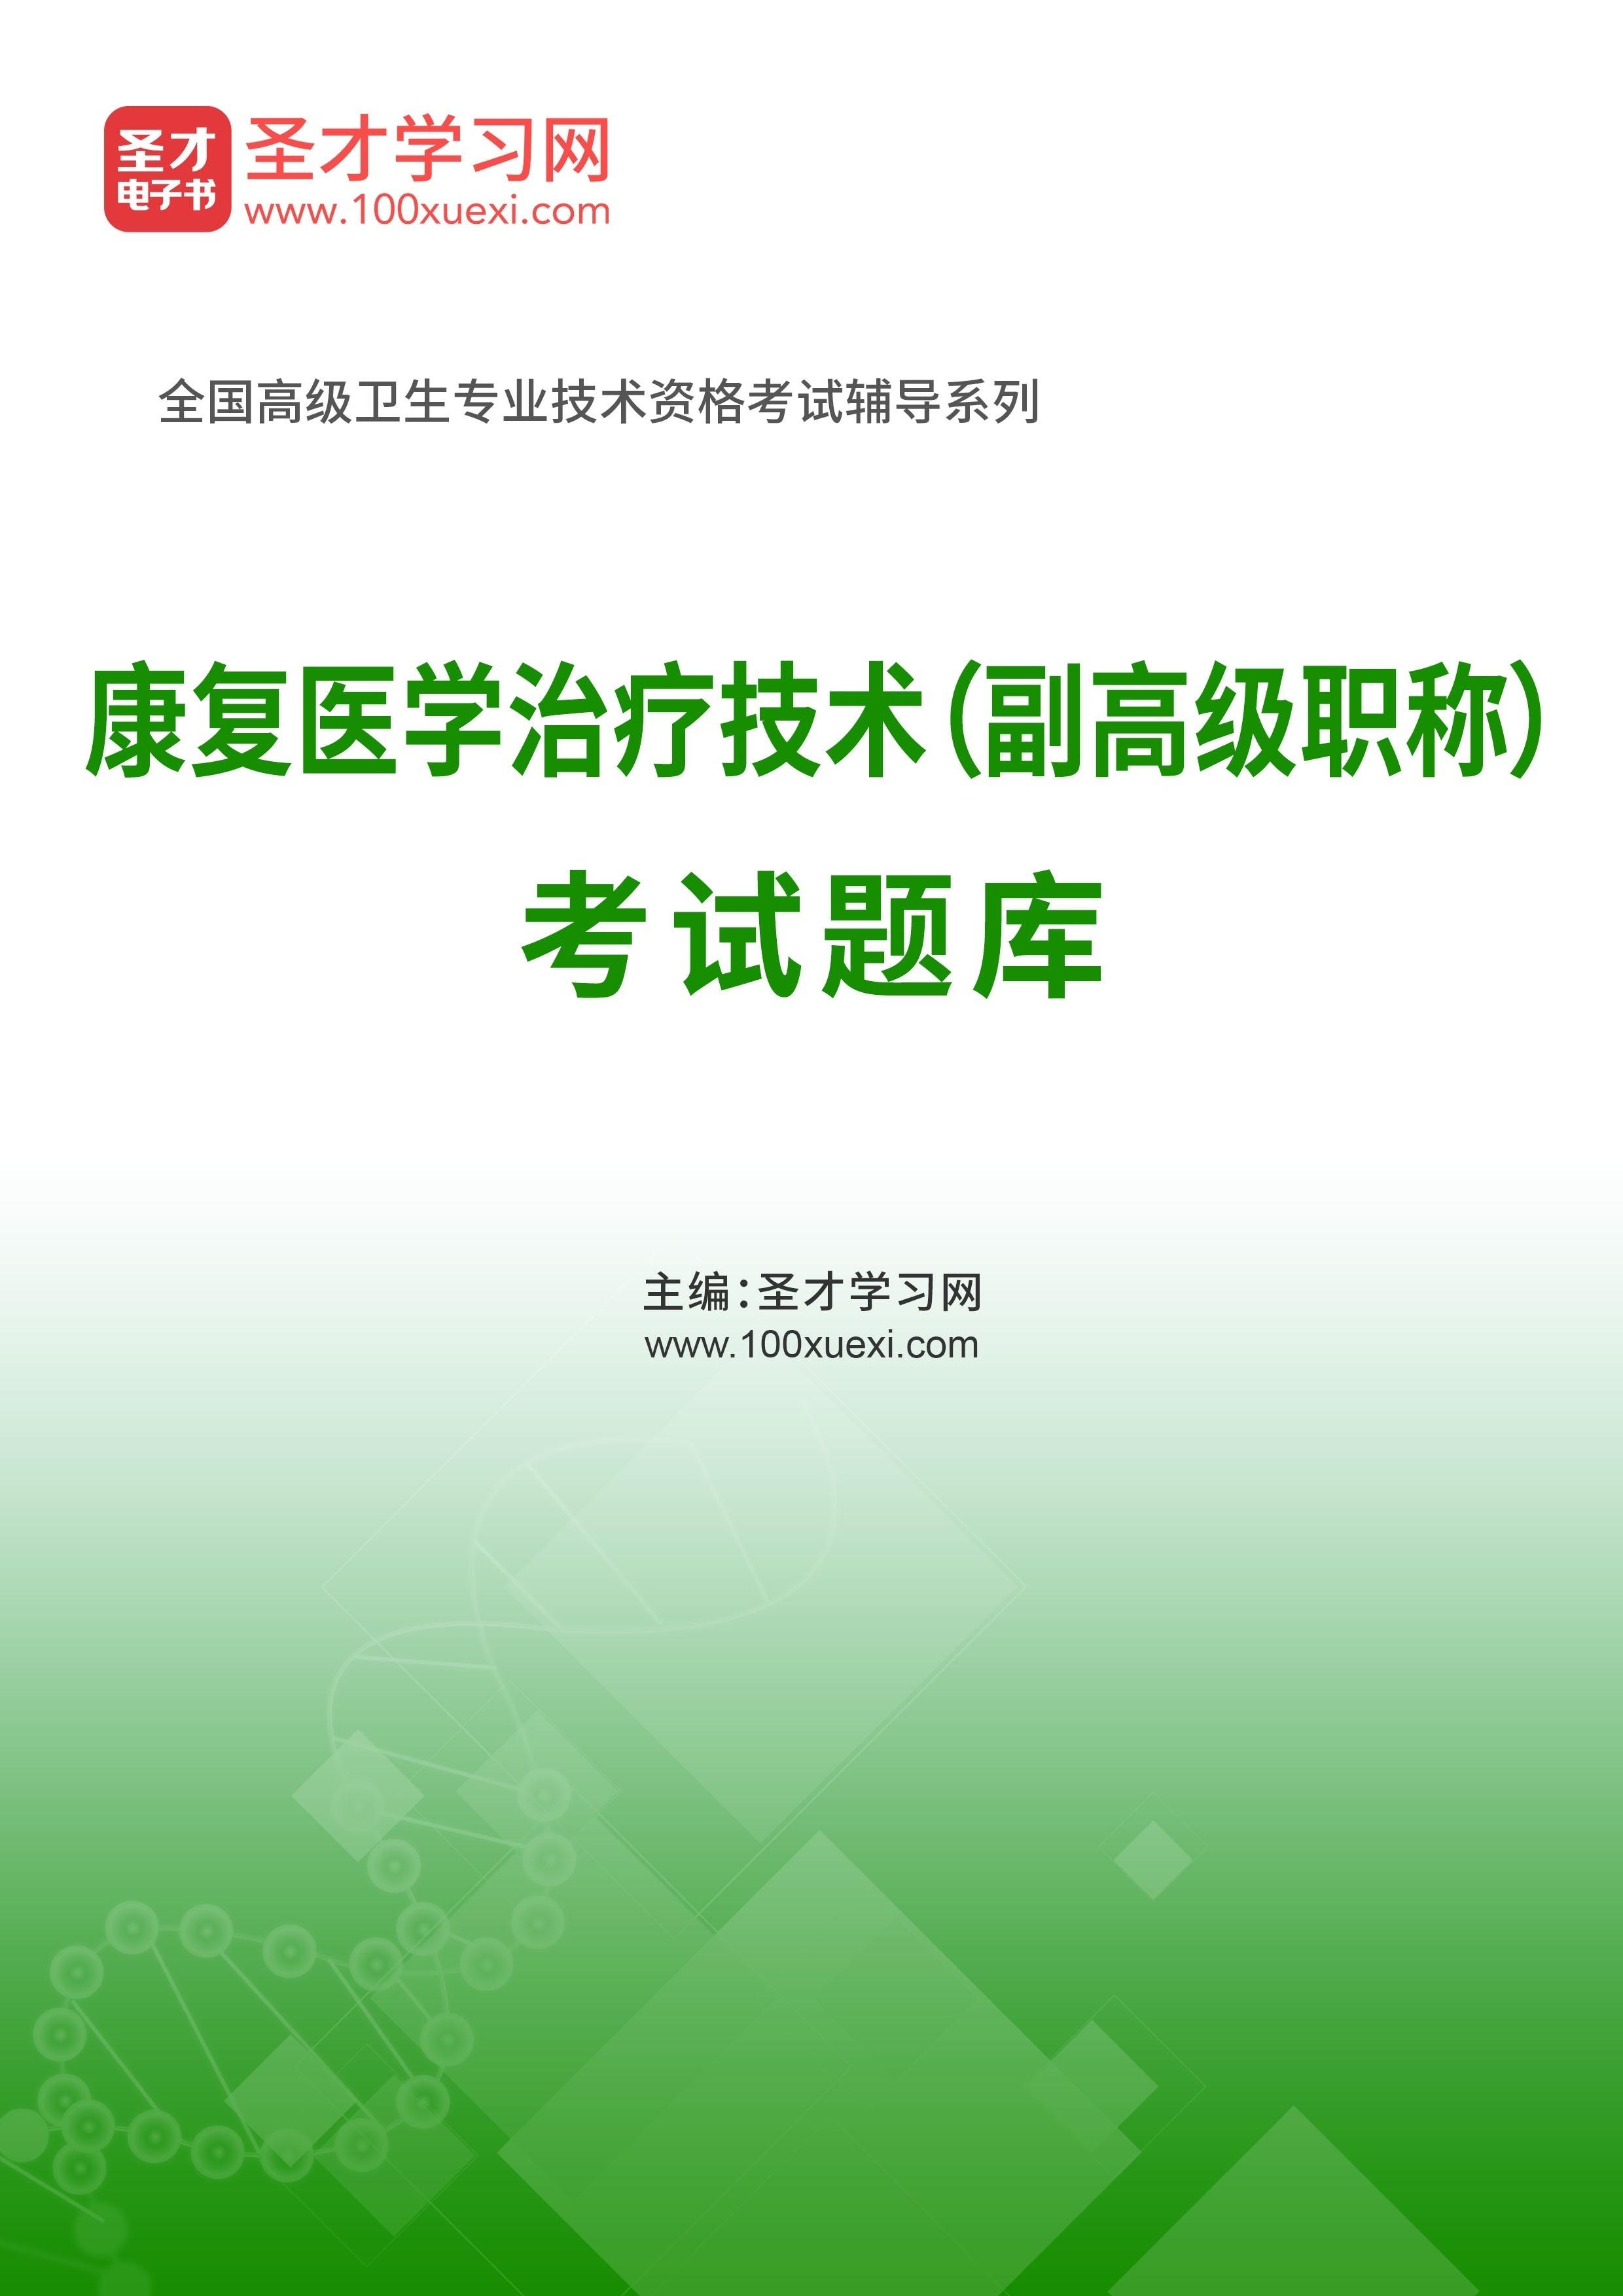 2021年康复医学治疗技术(副高级职称)考试题库